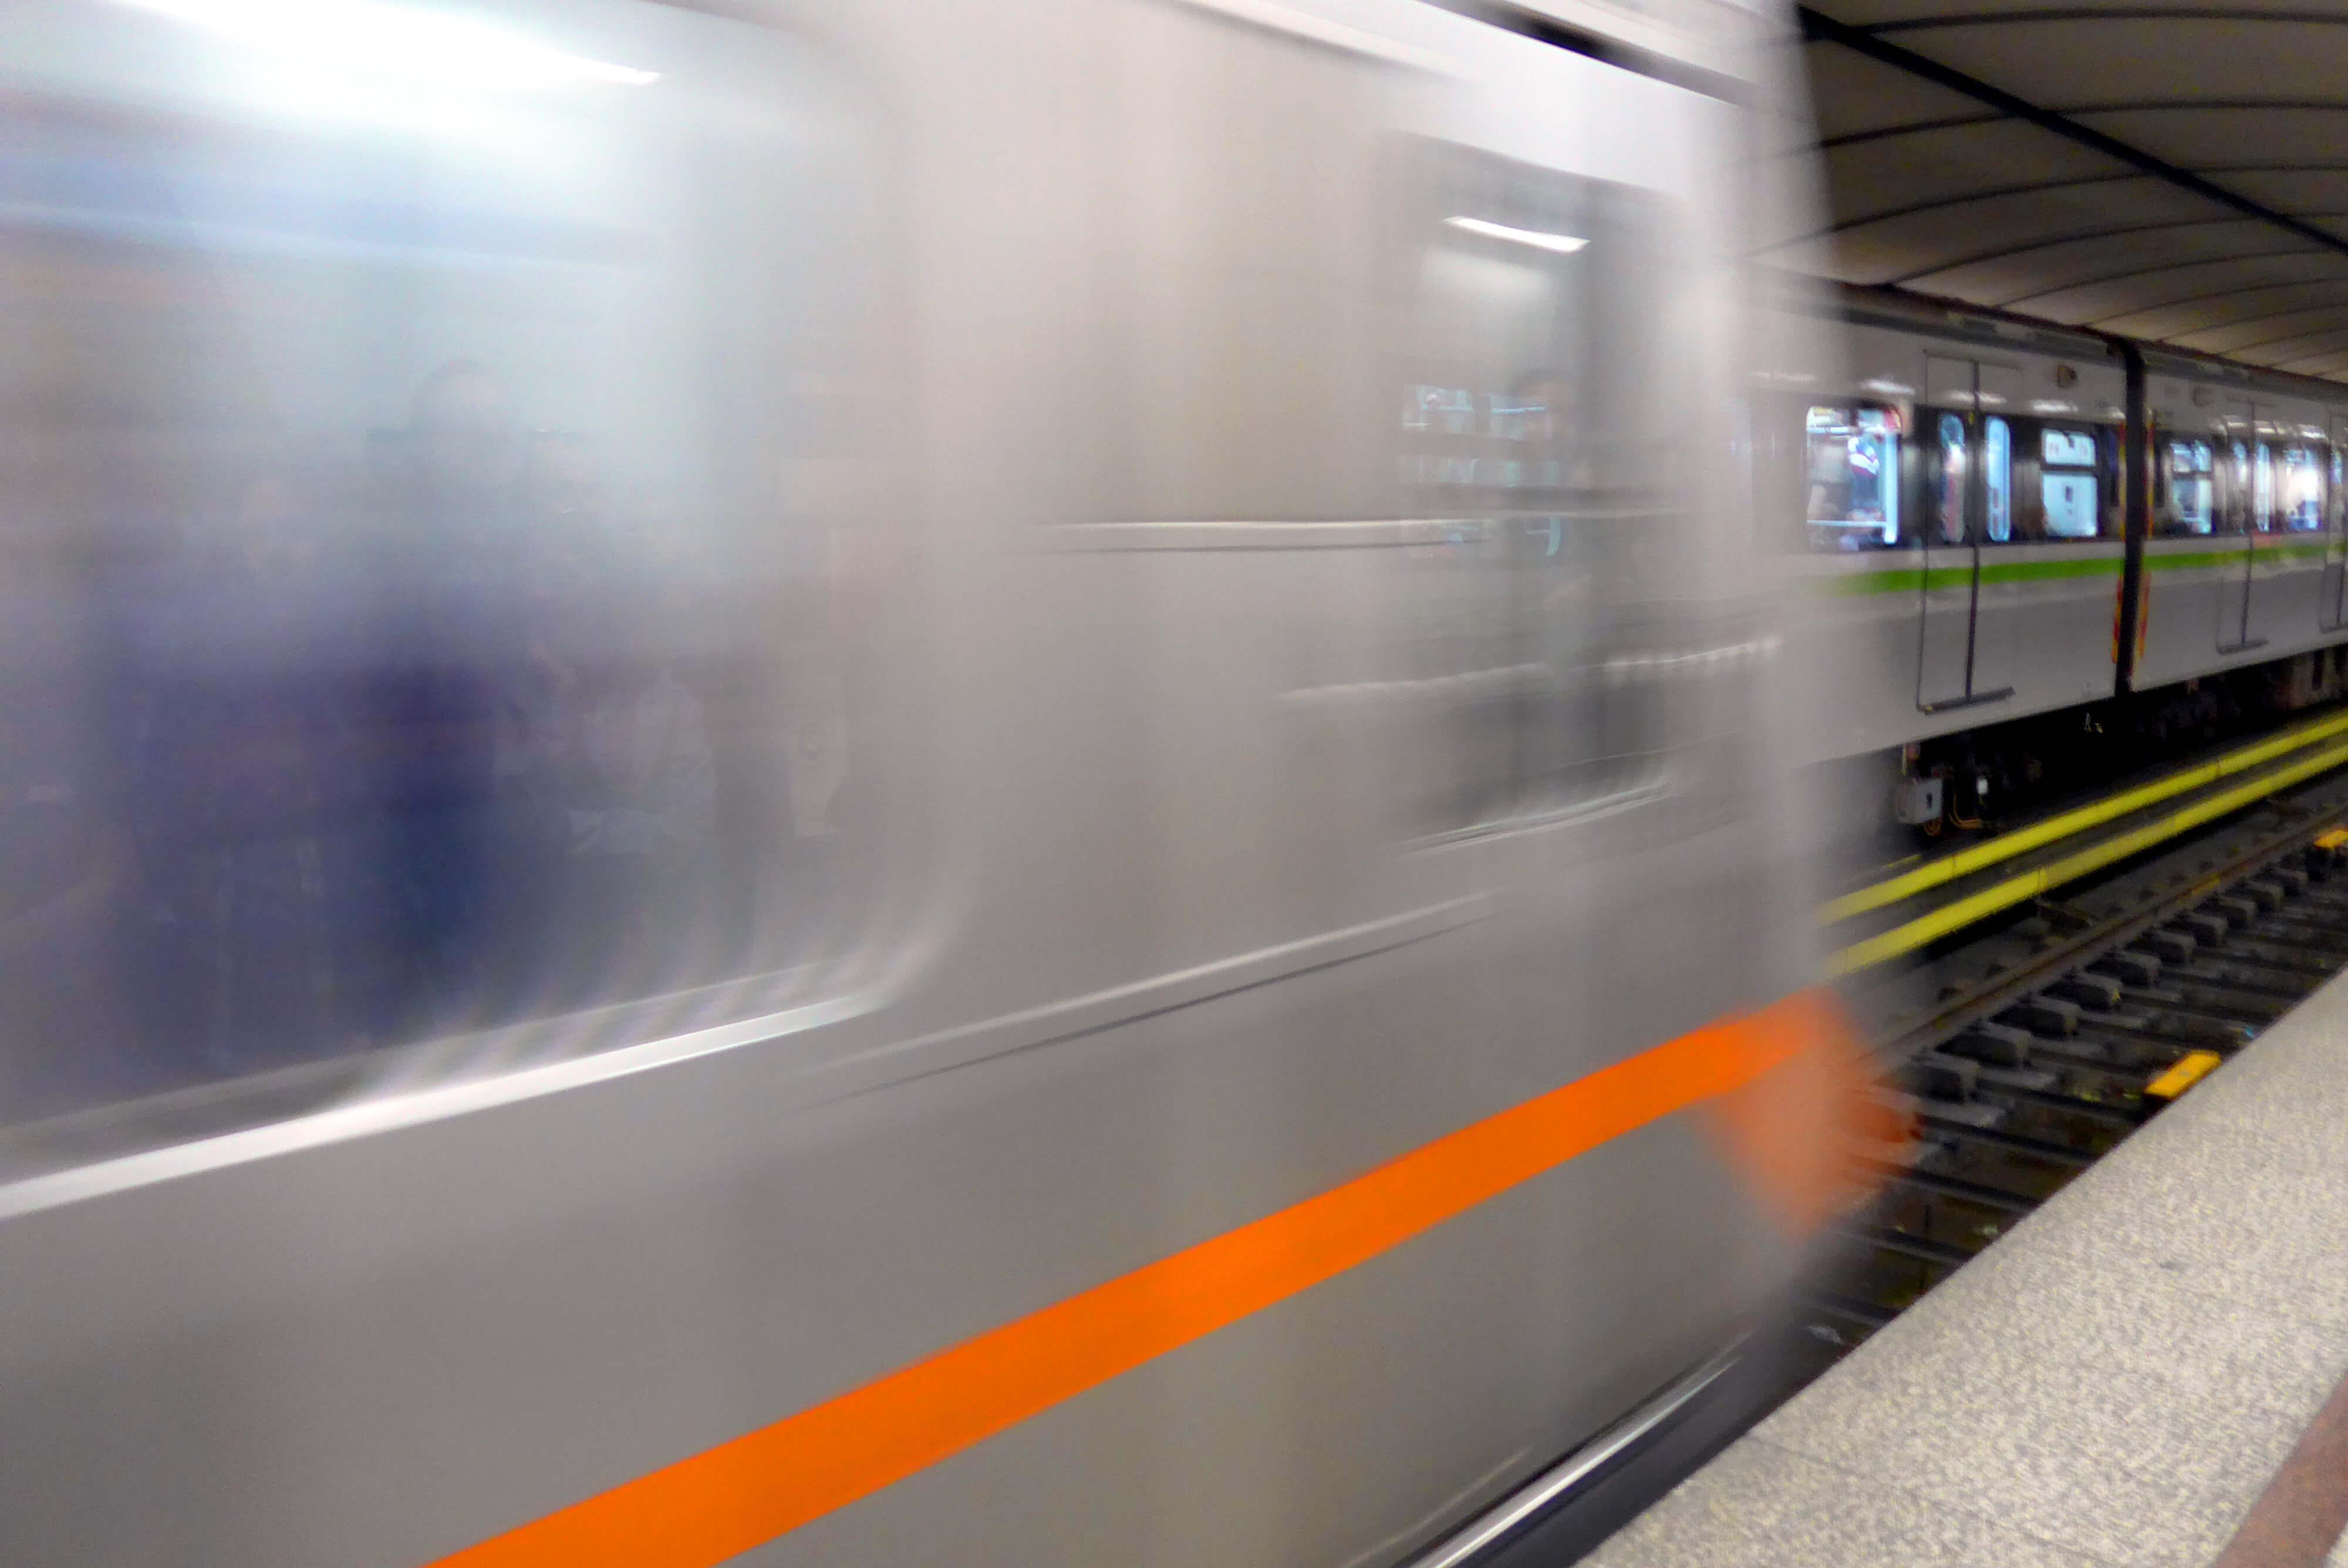 Έπεσε άνδρας στις γραμμές του μετρό στους Αμπελόκηπους!